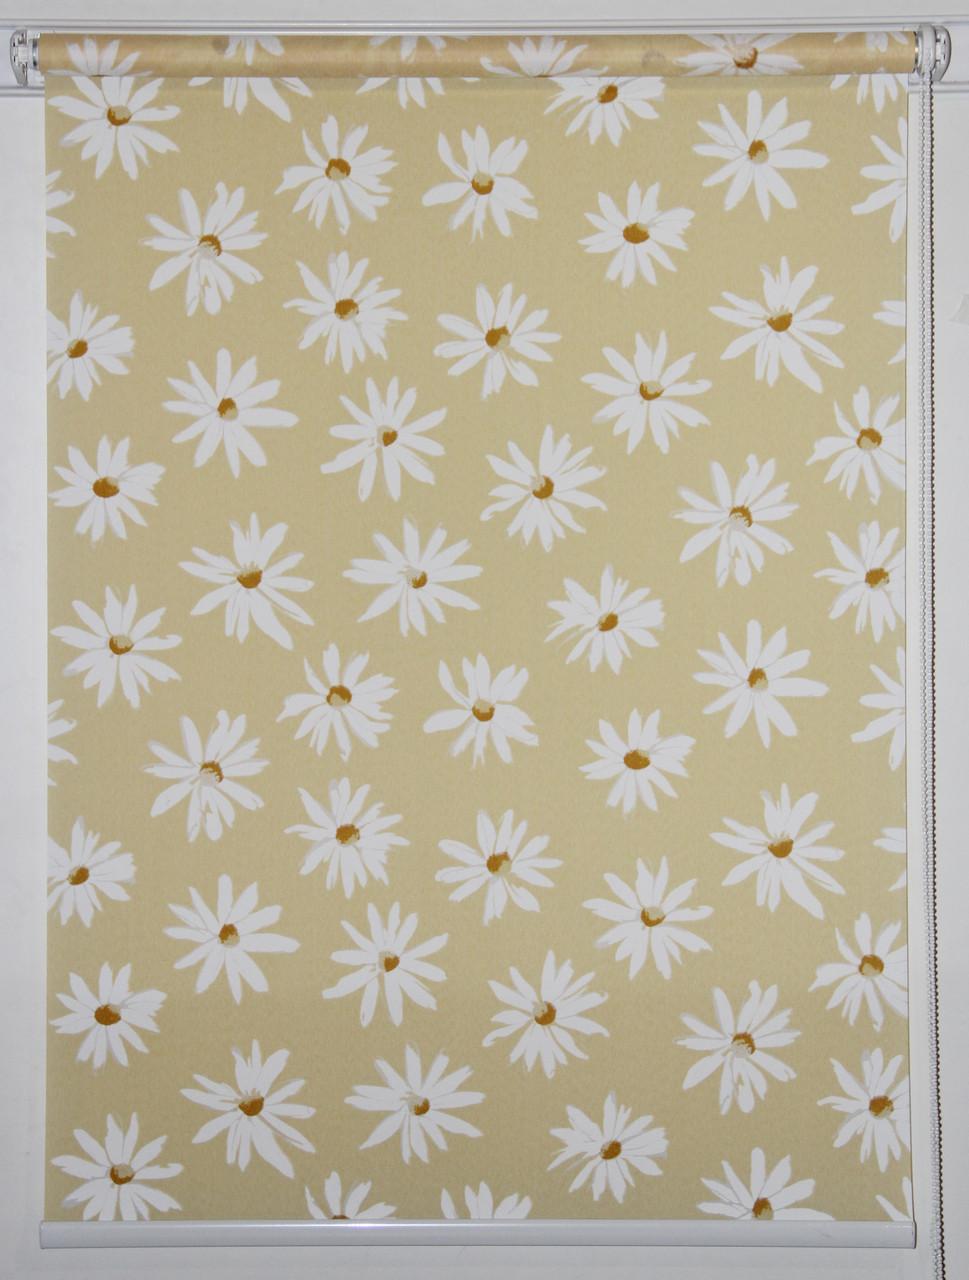 Готовые рулонные шторы 875*1500 Ткань Ромашки Жёлтый